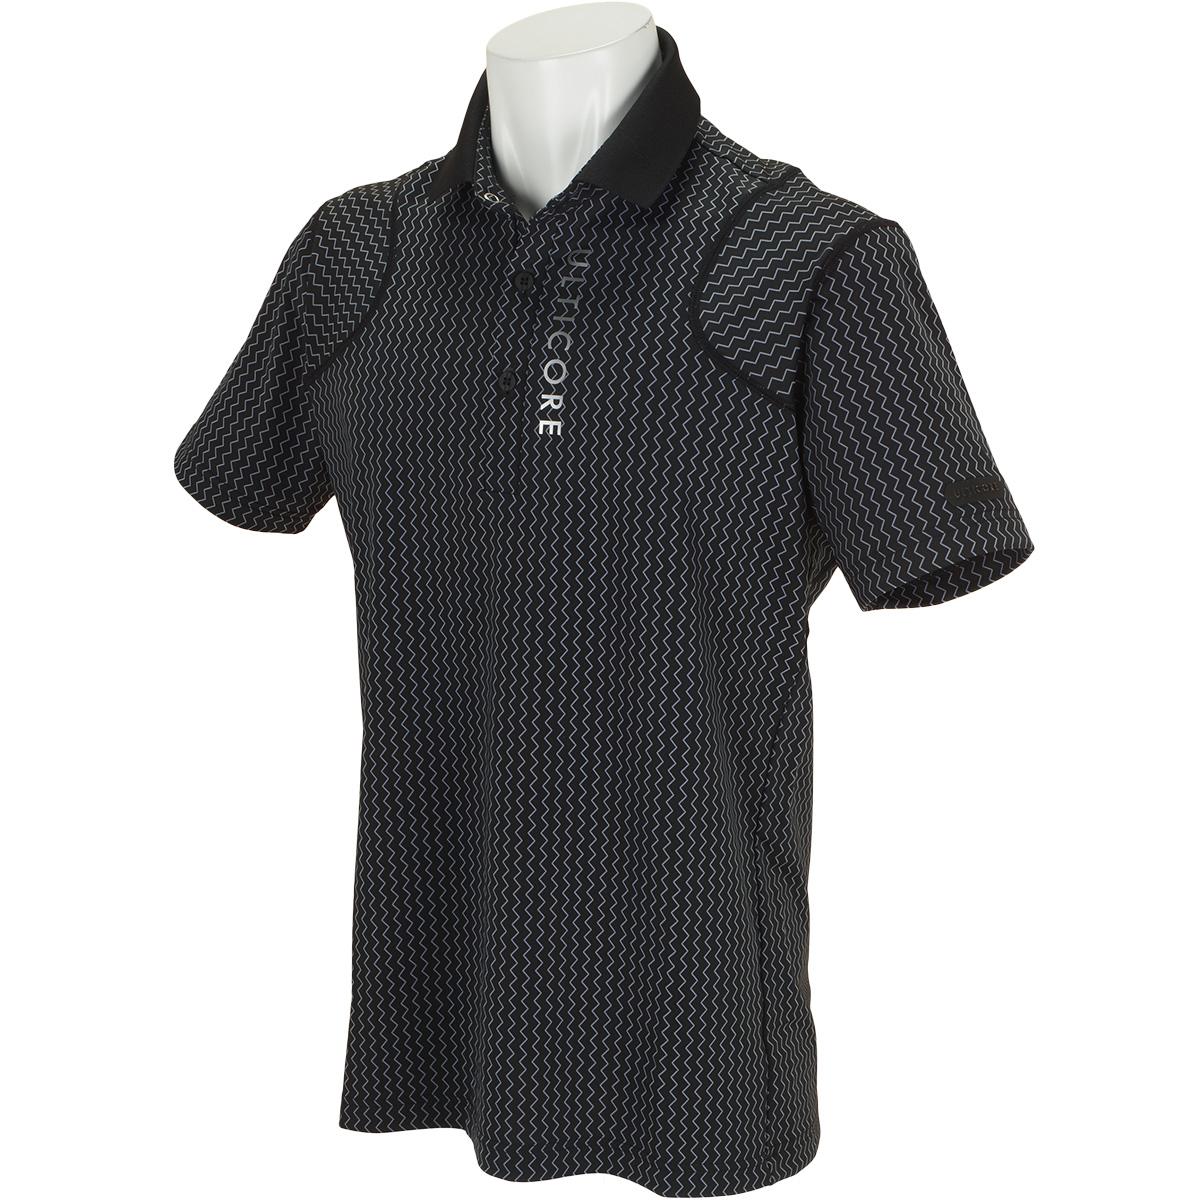 半袖3D解析ポロシャツ